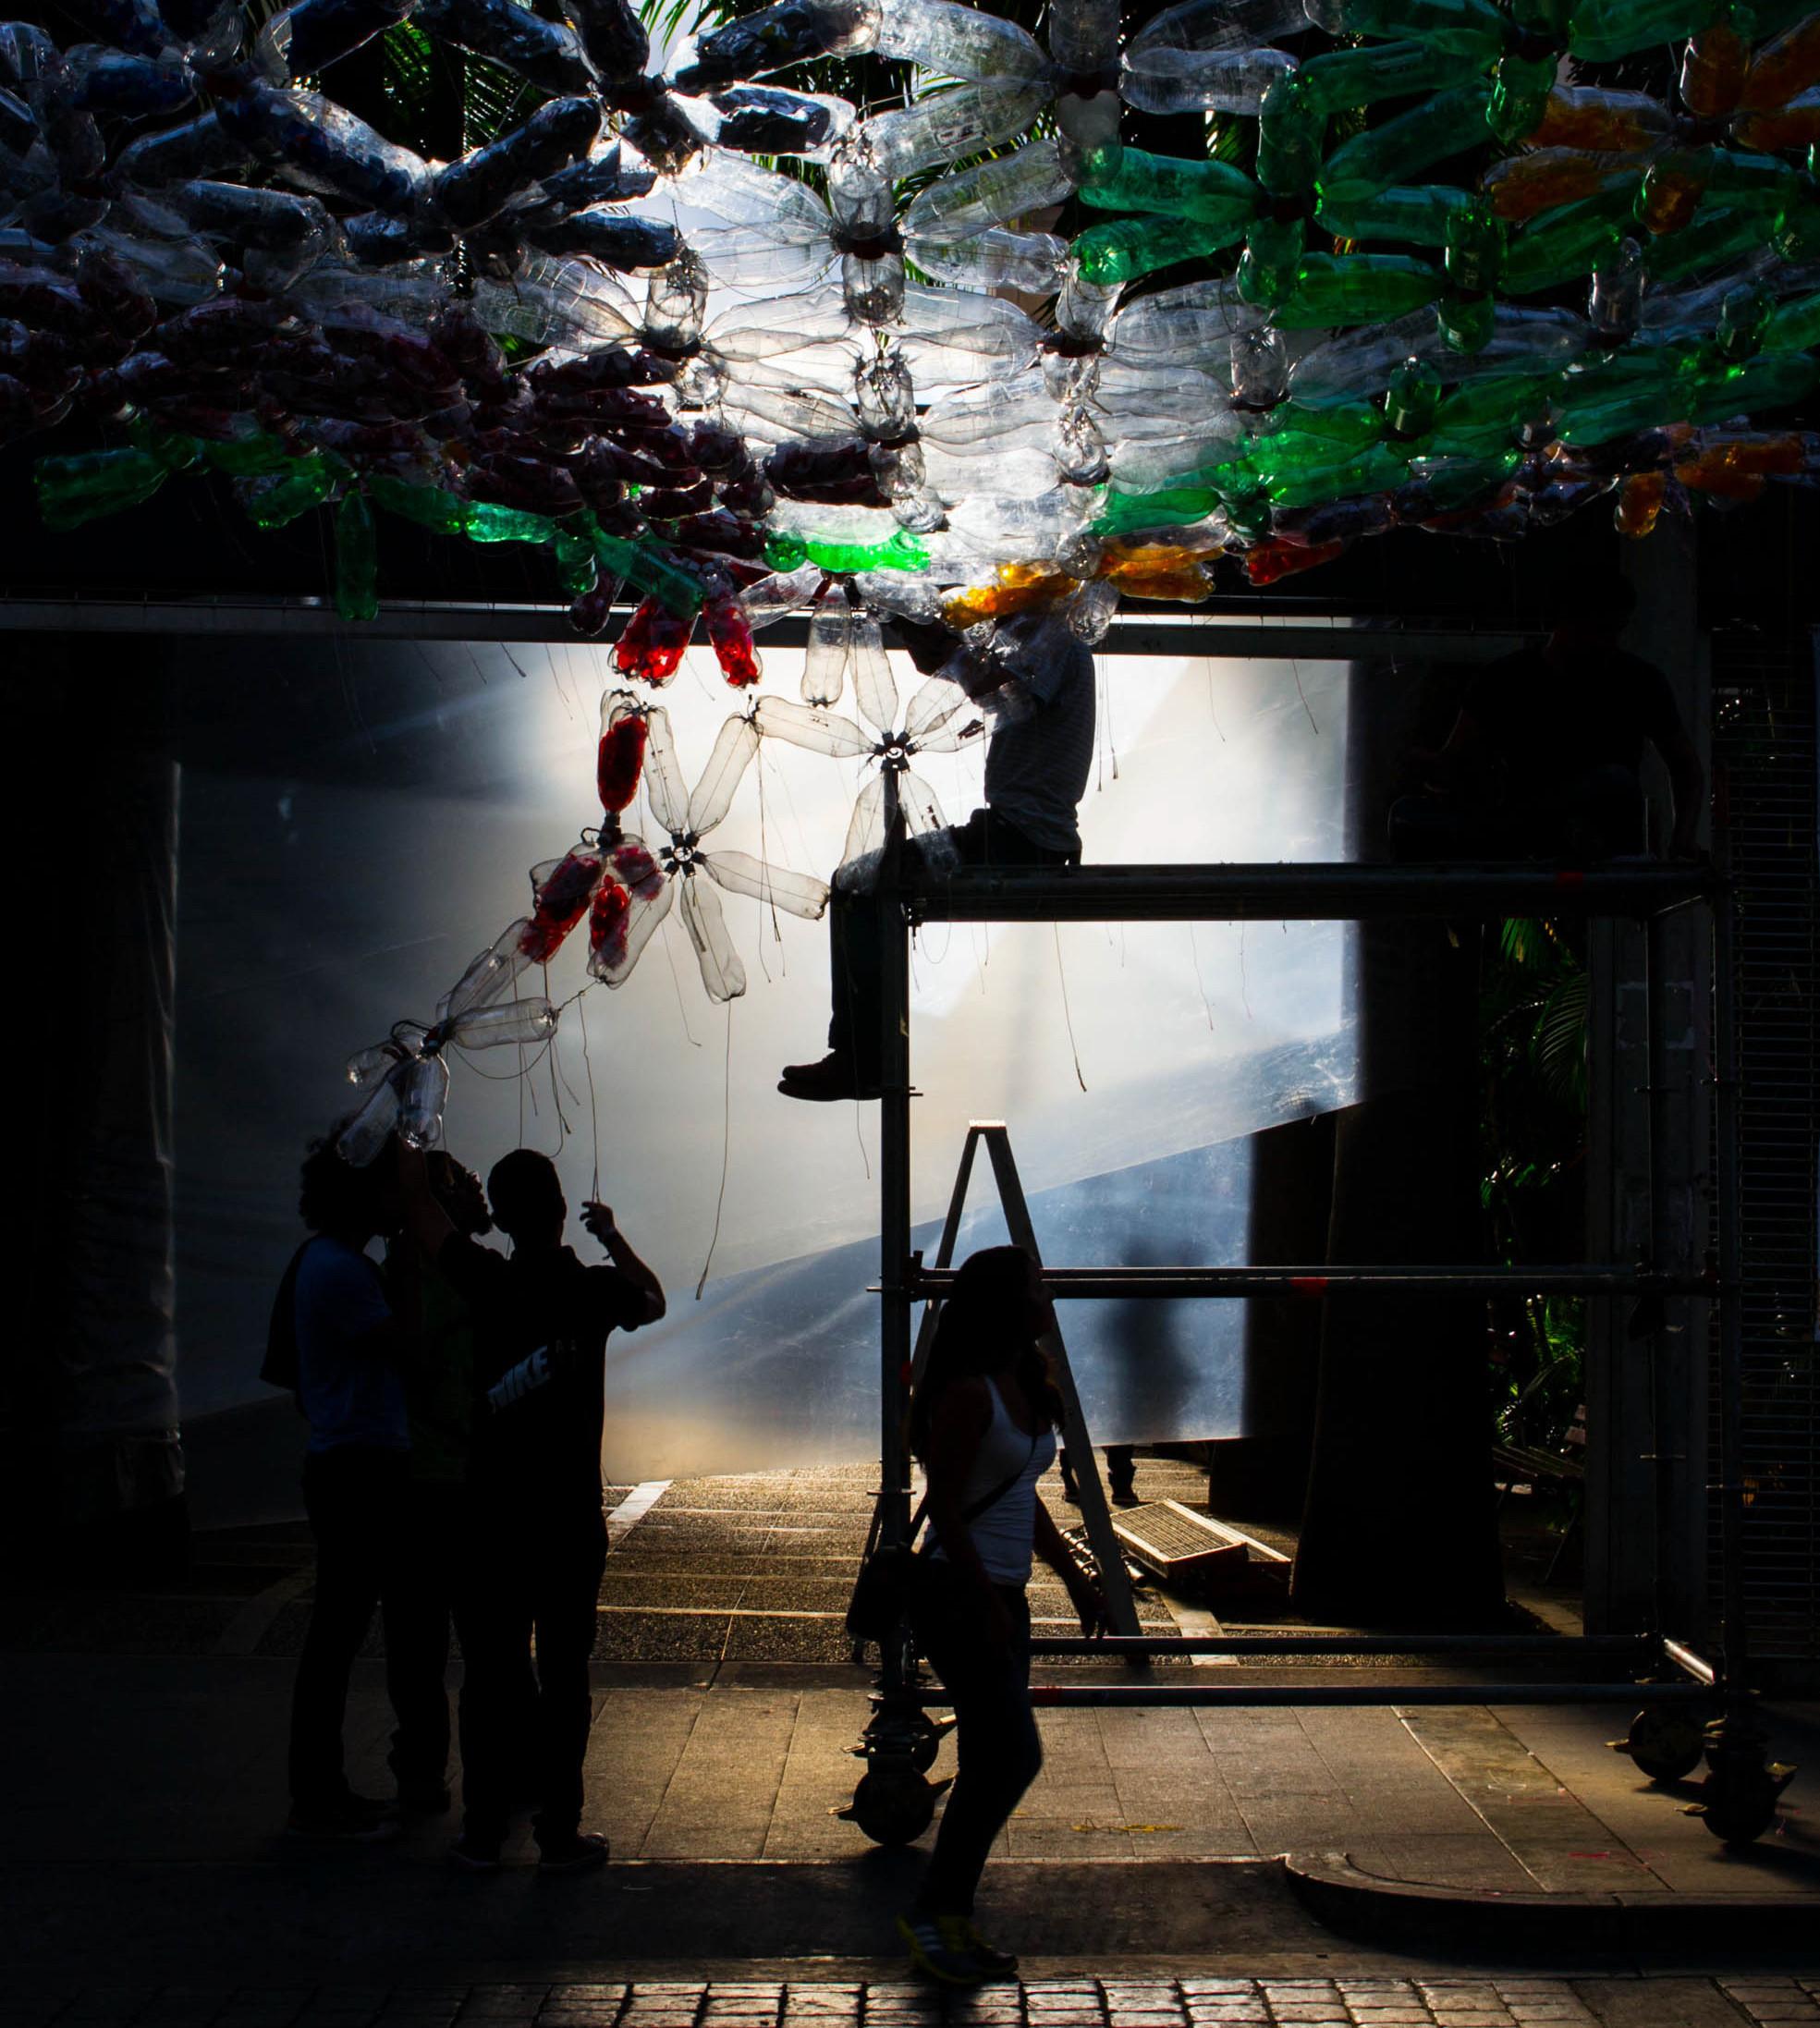 Arte y Arquitectura: Laberinto Urbano - la transformación de un espacio lúdico